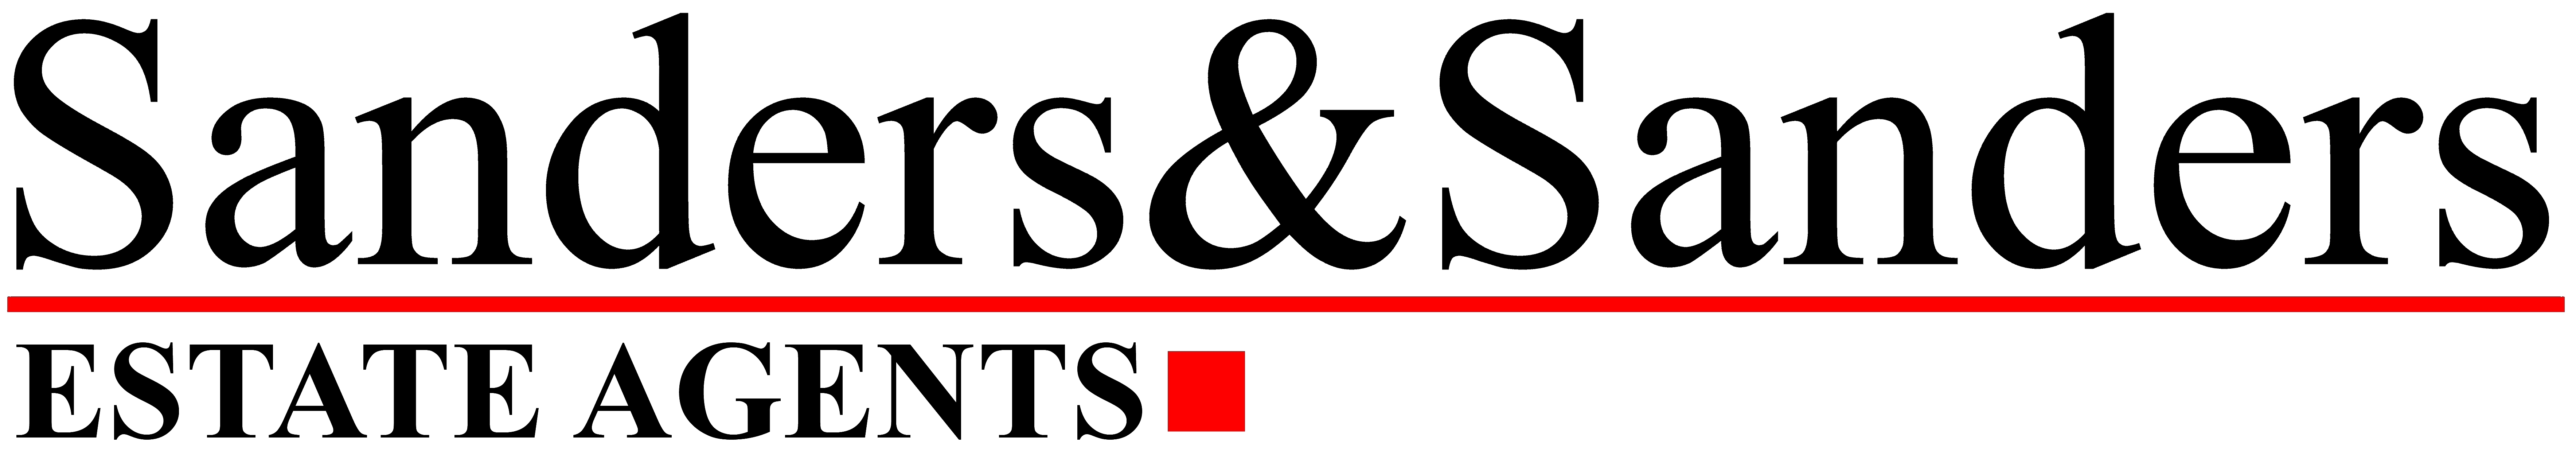 Sanders & Sanders Estate Agents